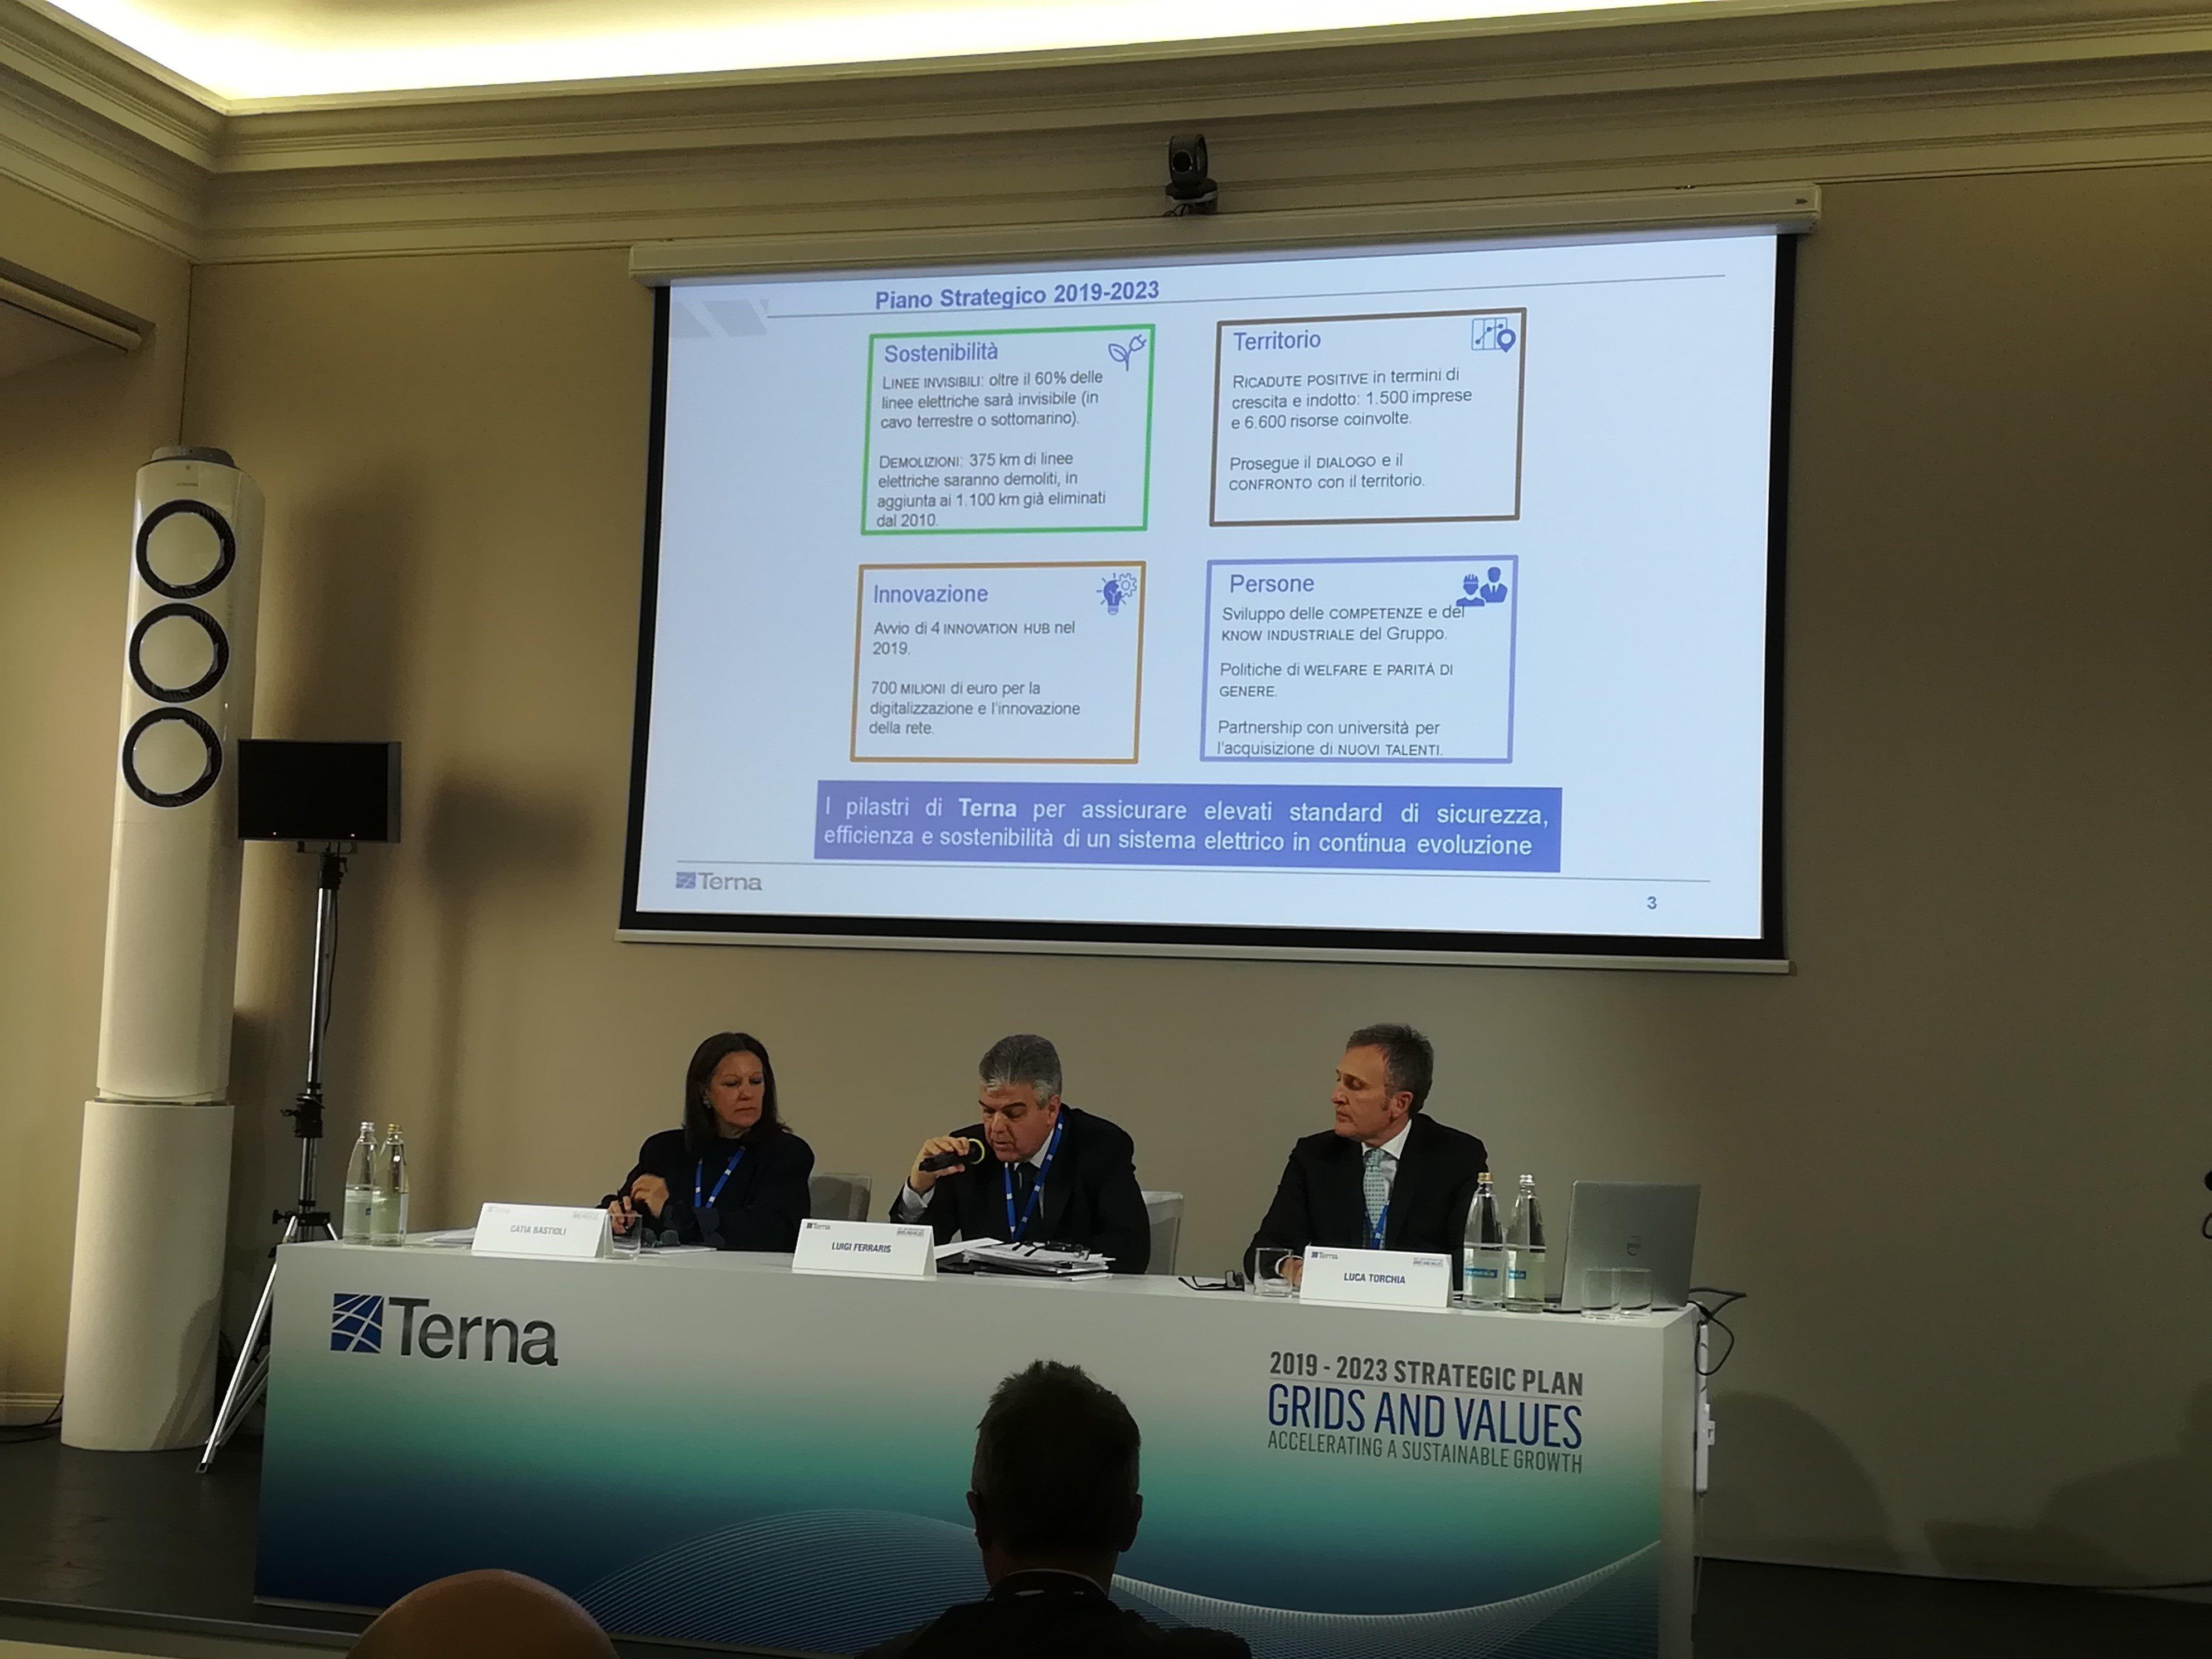 Terna, Luigi Ferraris: il valore della sostenibilità nel Piano Strategico 2019-2023